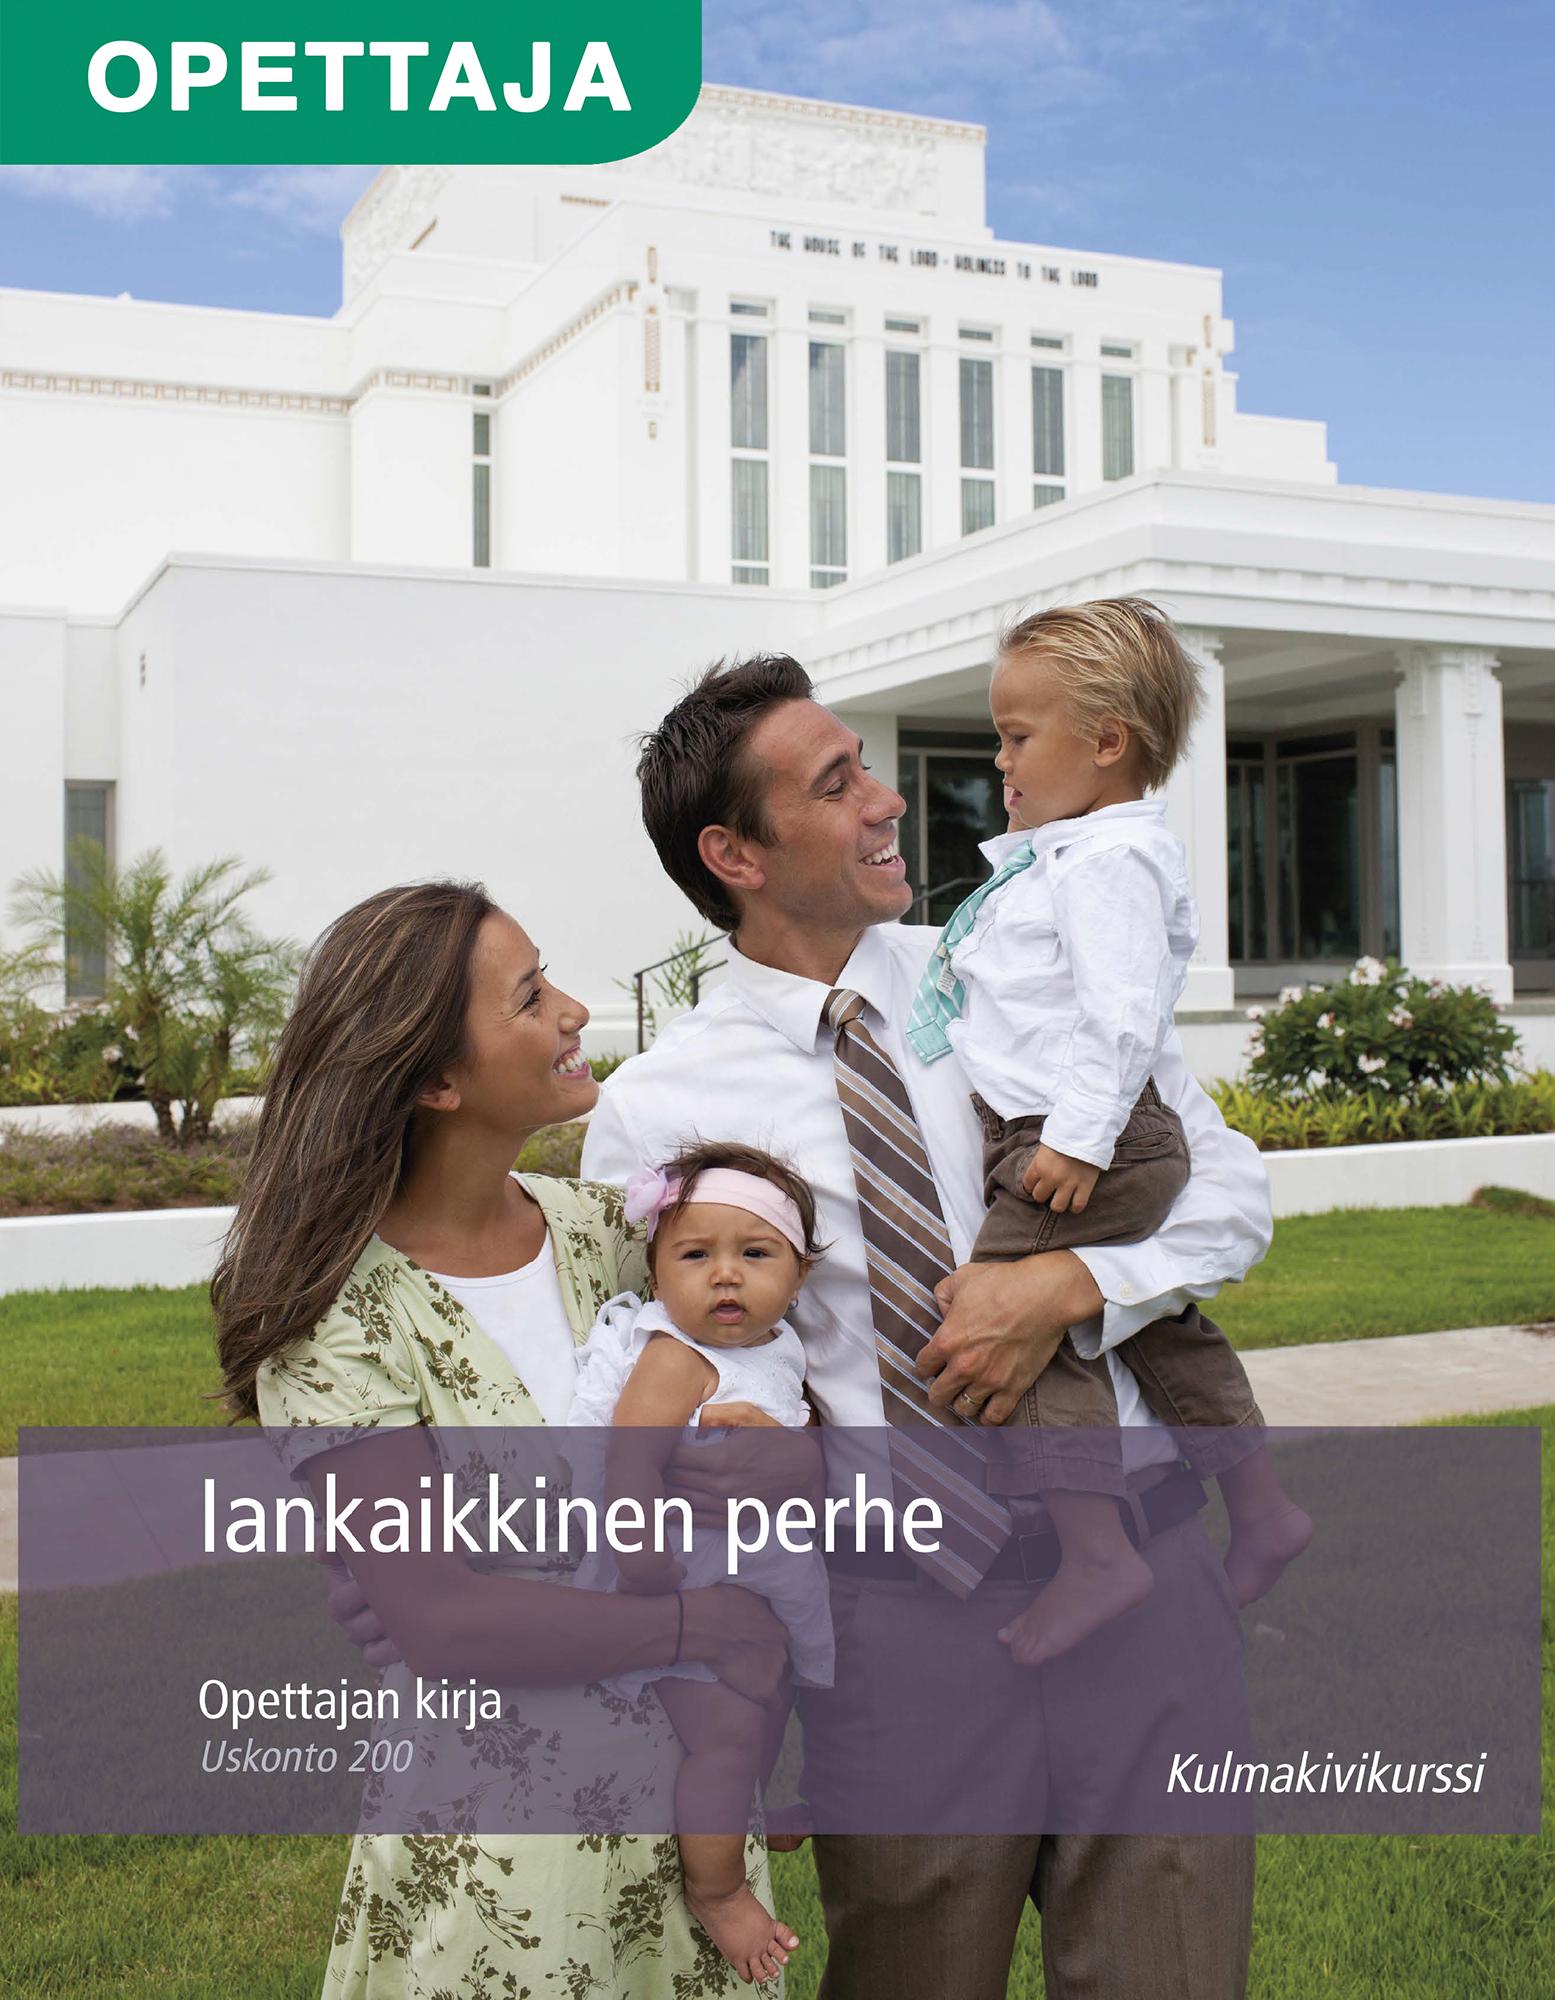 Iankaikkinen perhe, opettajan kirja (Uskonto 200)